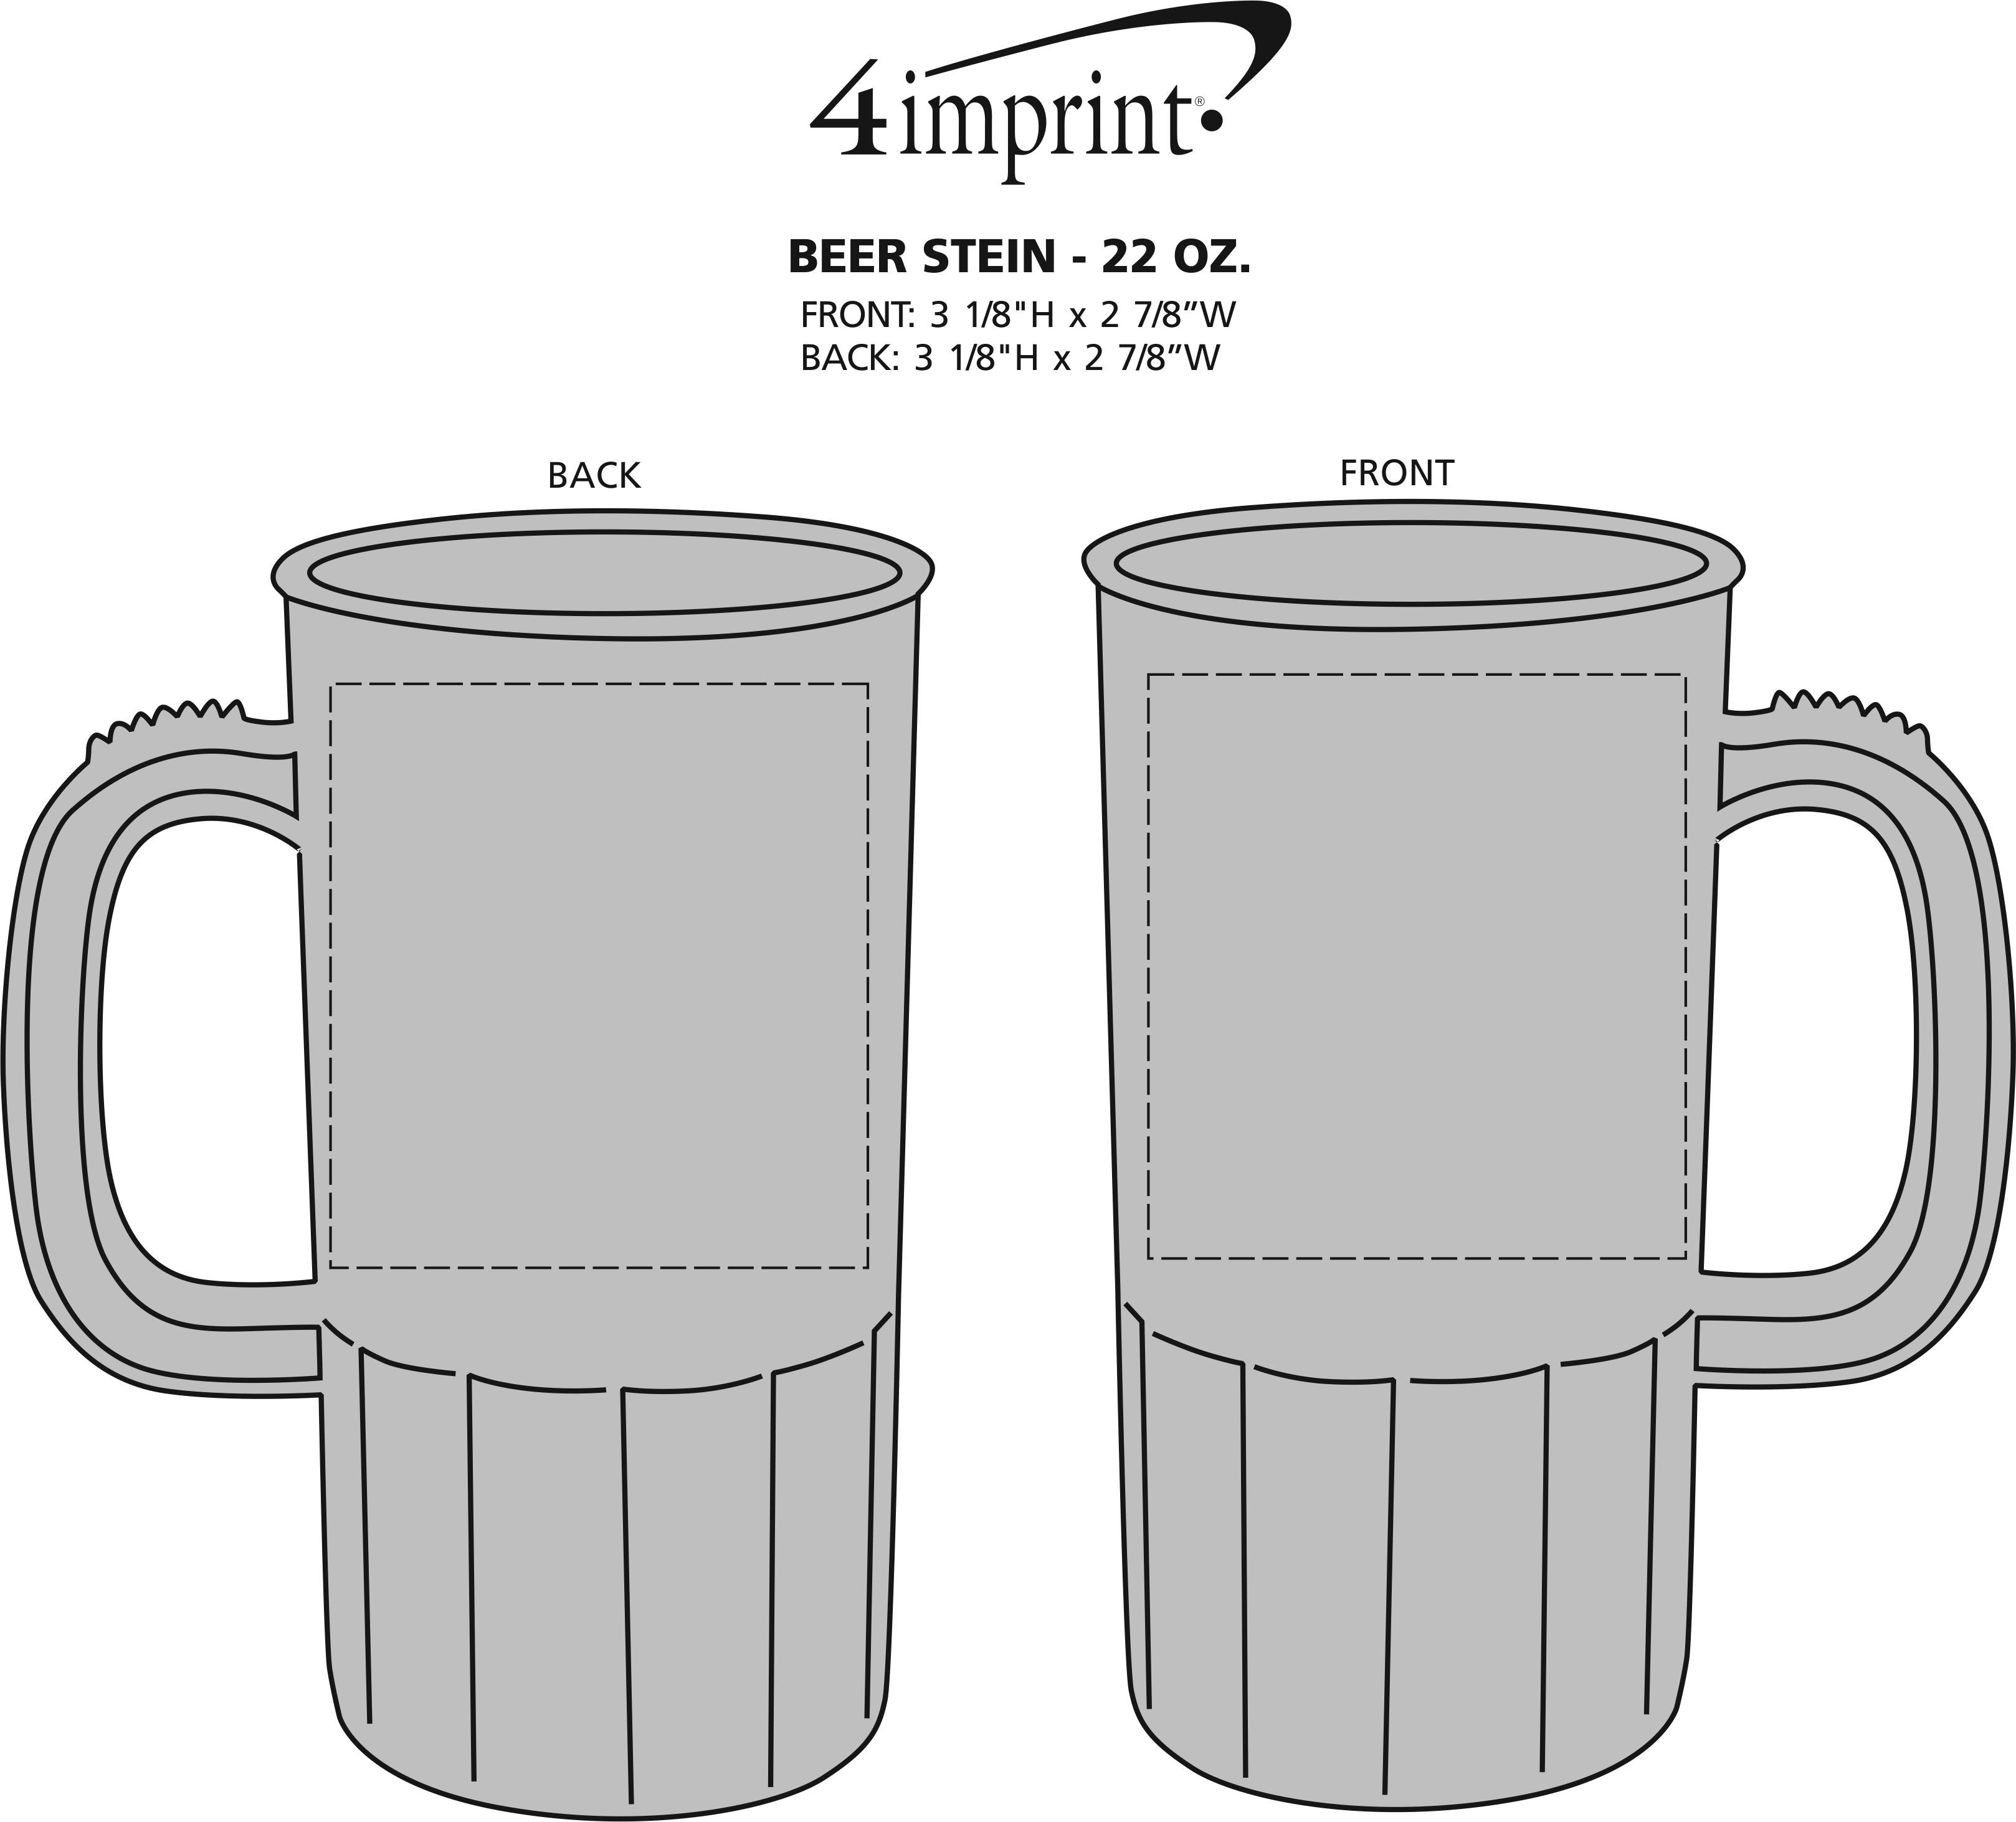 Imprint Area of Beer Stein - 22 oz.